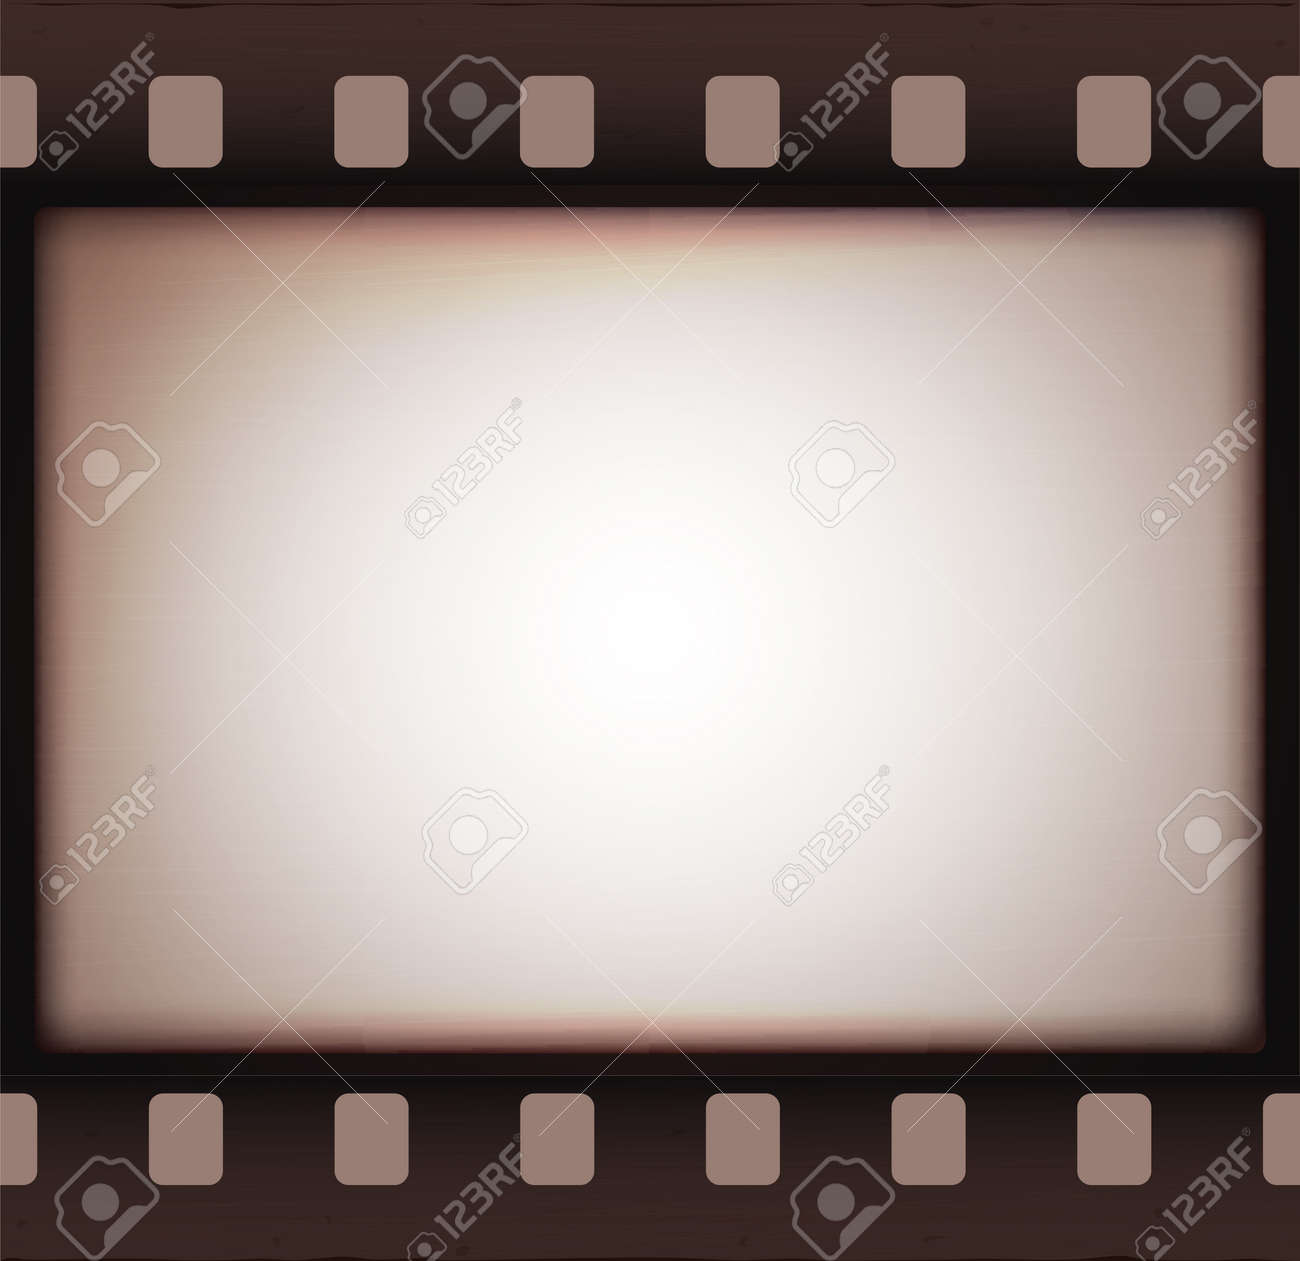 vitage film